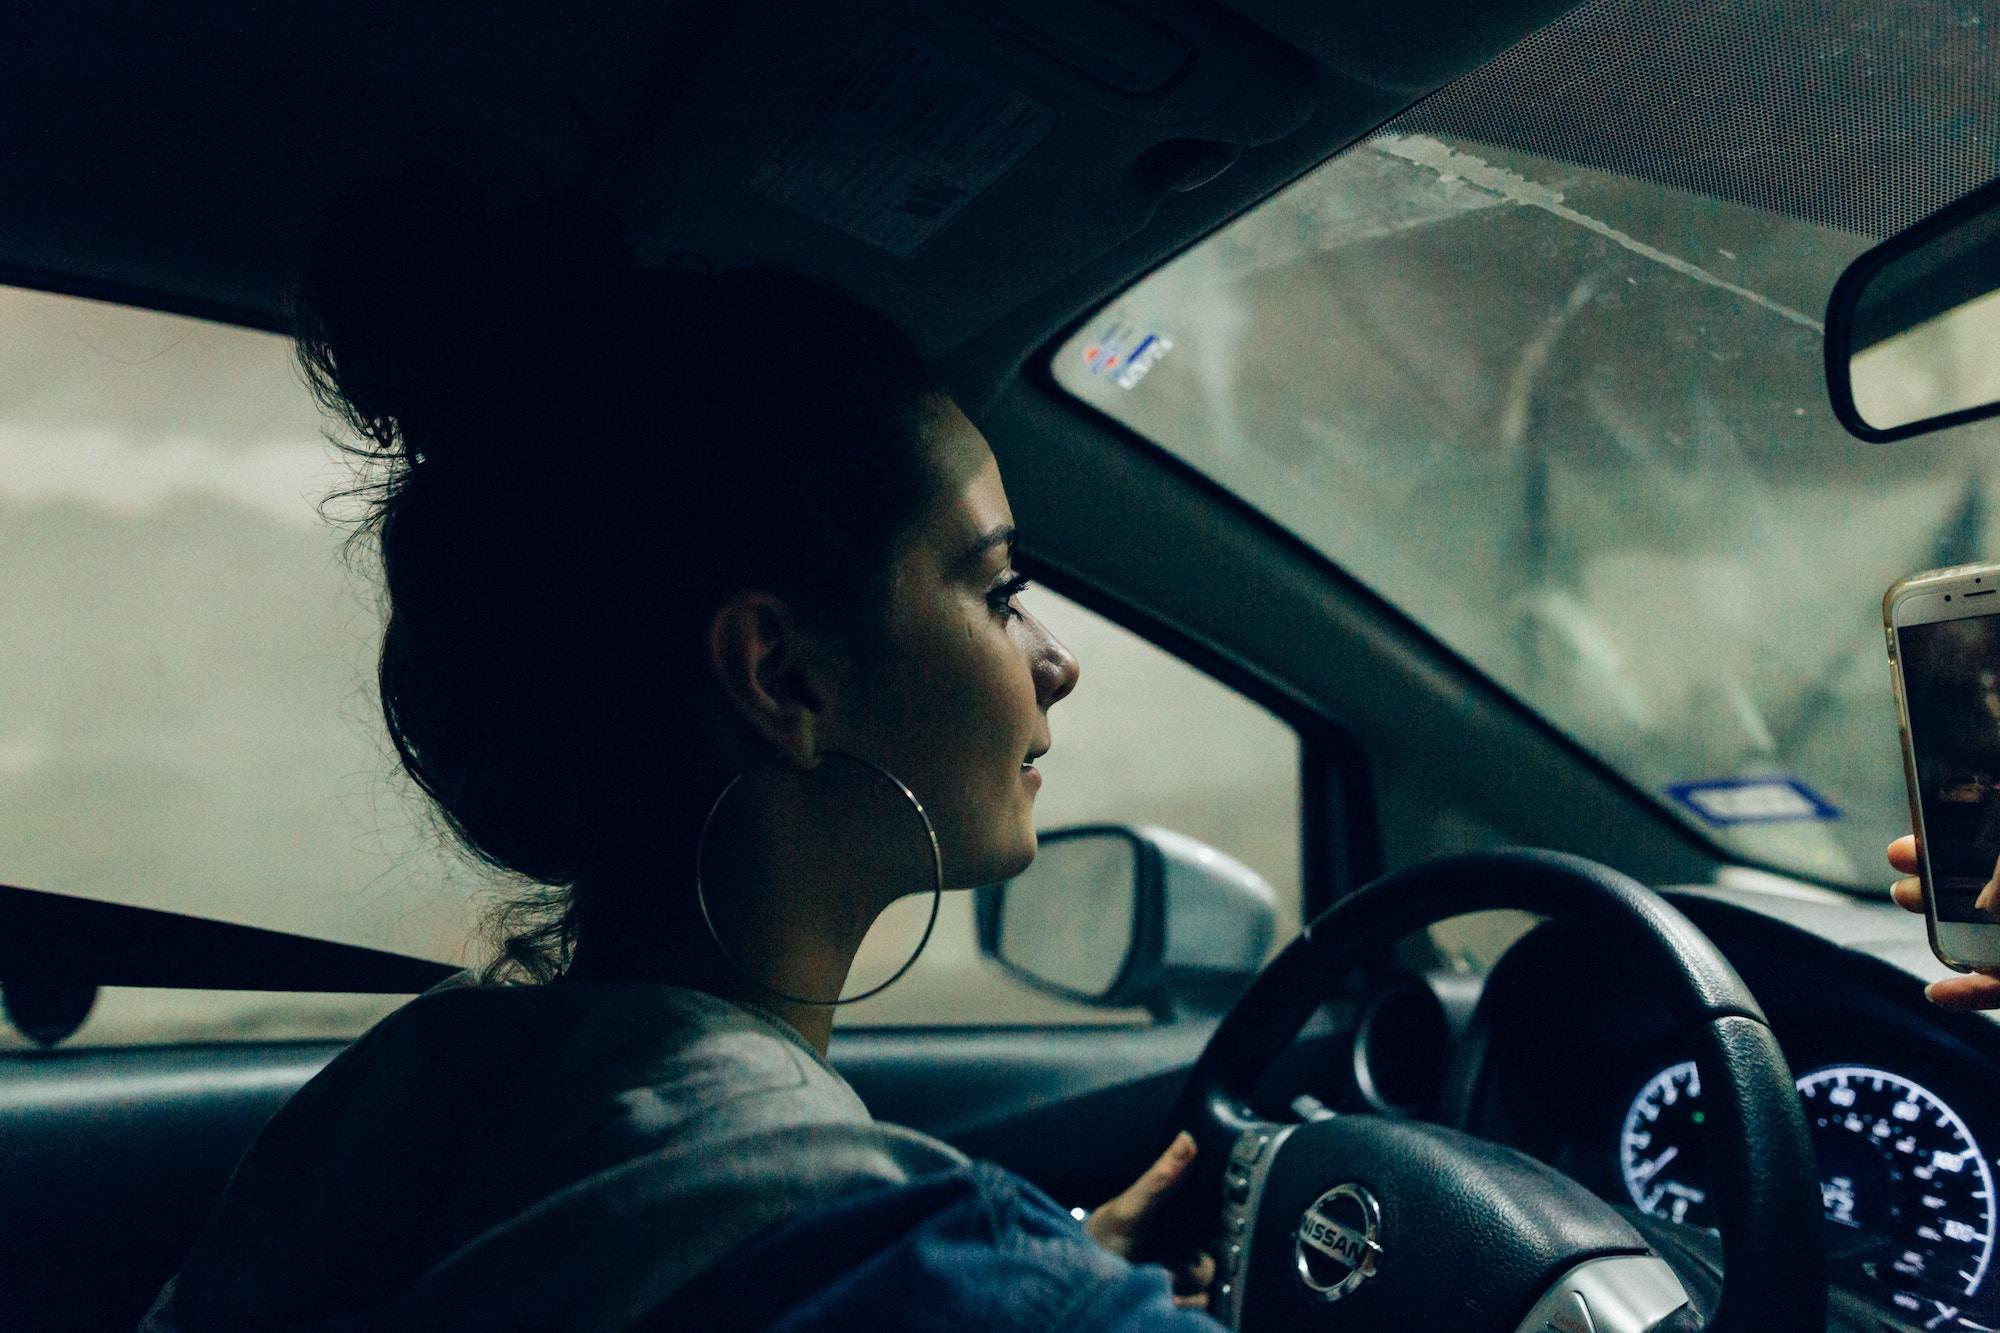 «Євробляха» чи вживаний електромобіль — і що не так з обома варіантами